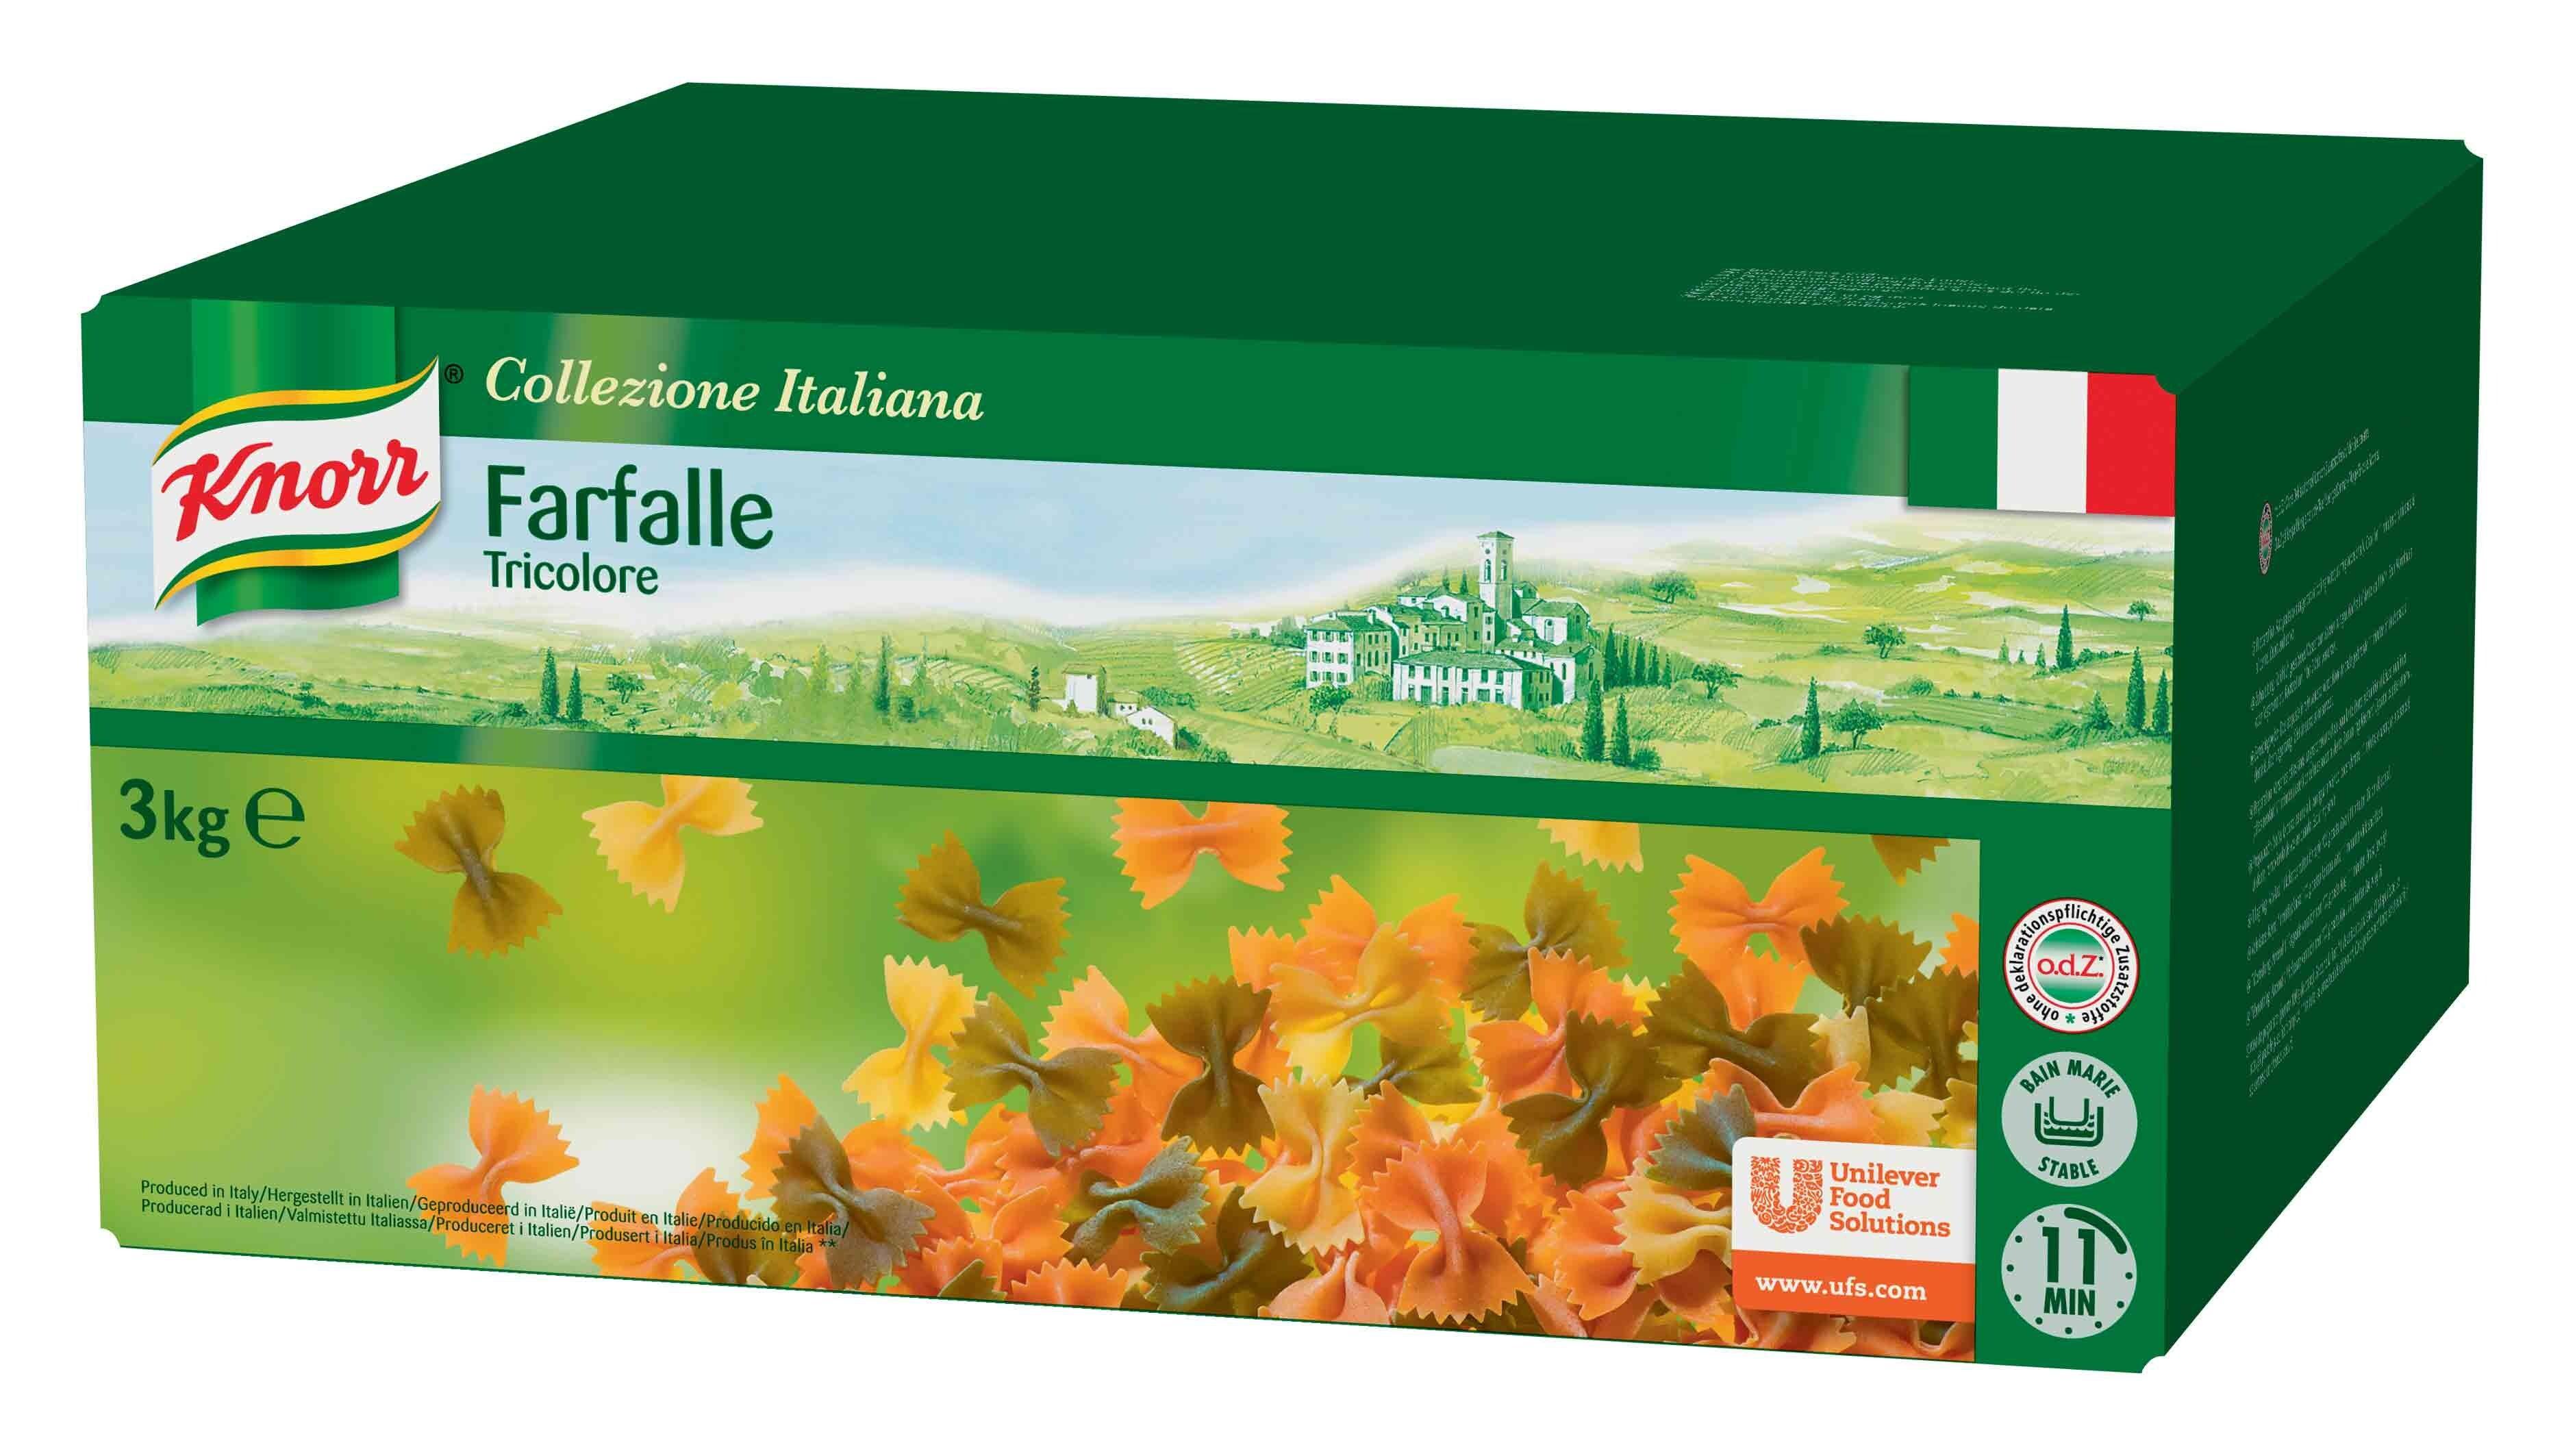 Farfalle tricolore 3kg Knorr Collezione Italiana Pasta